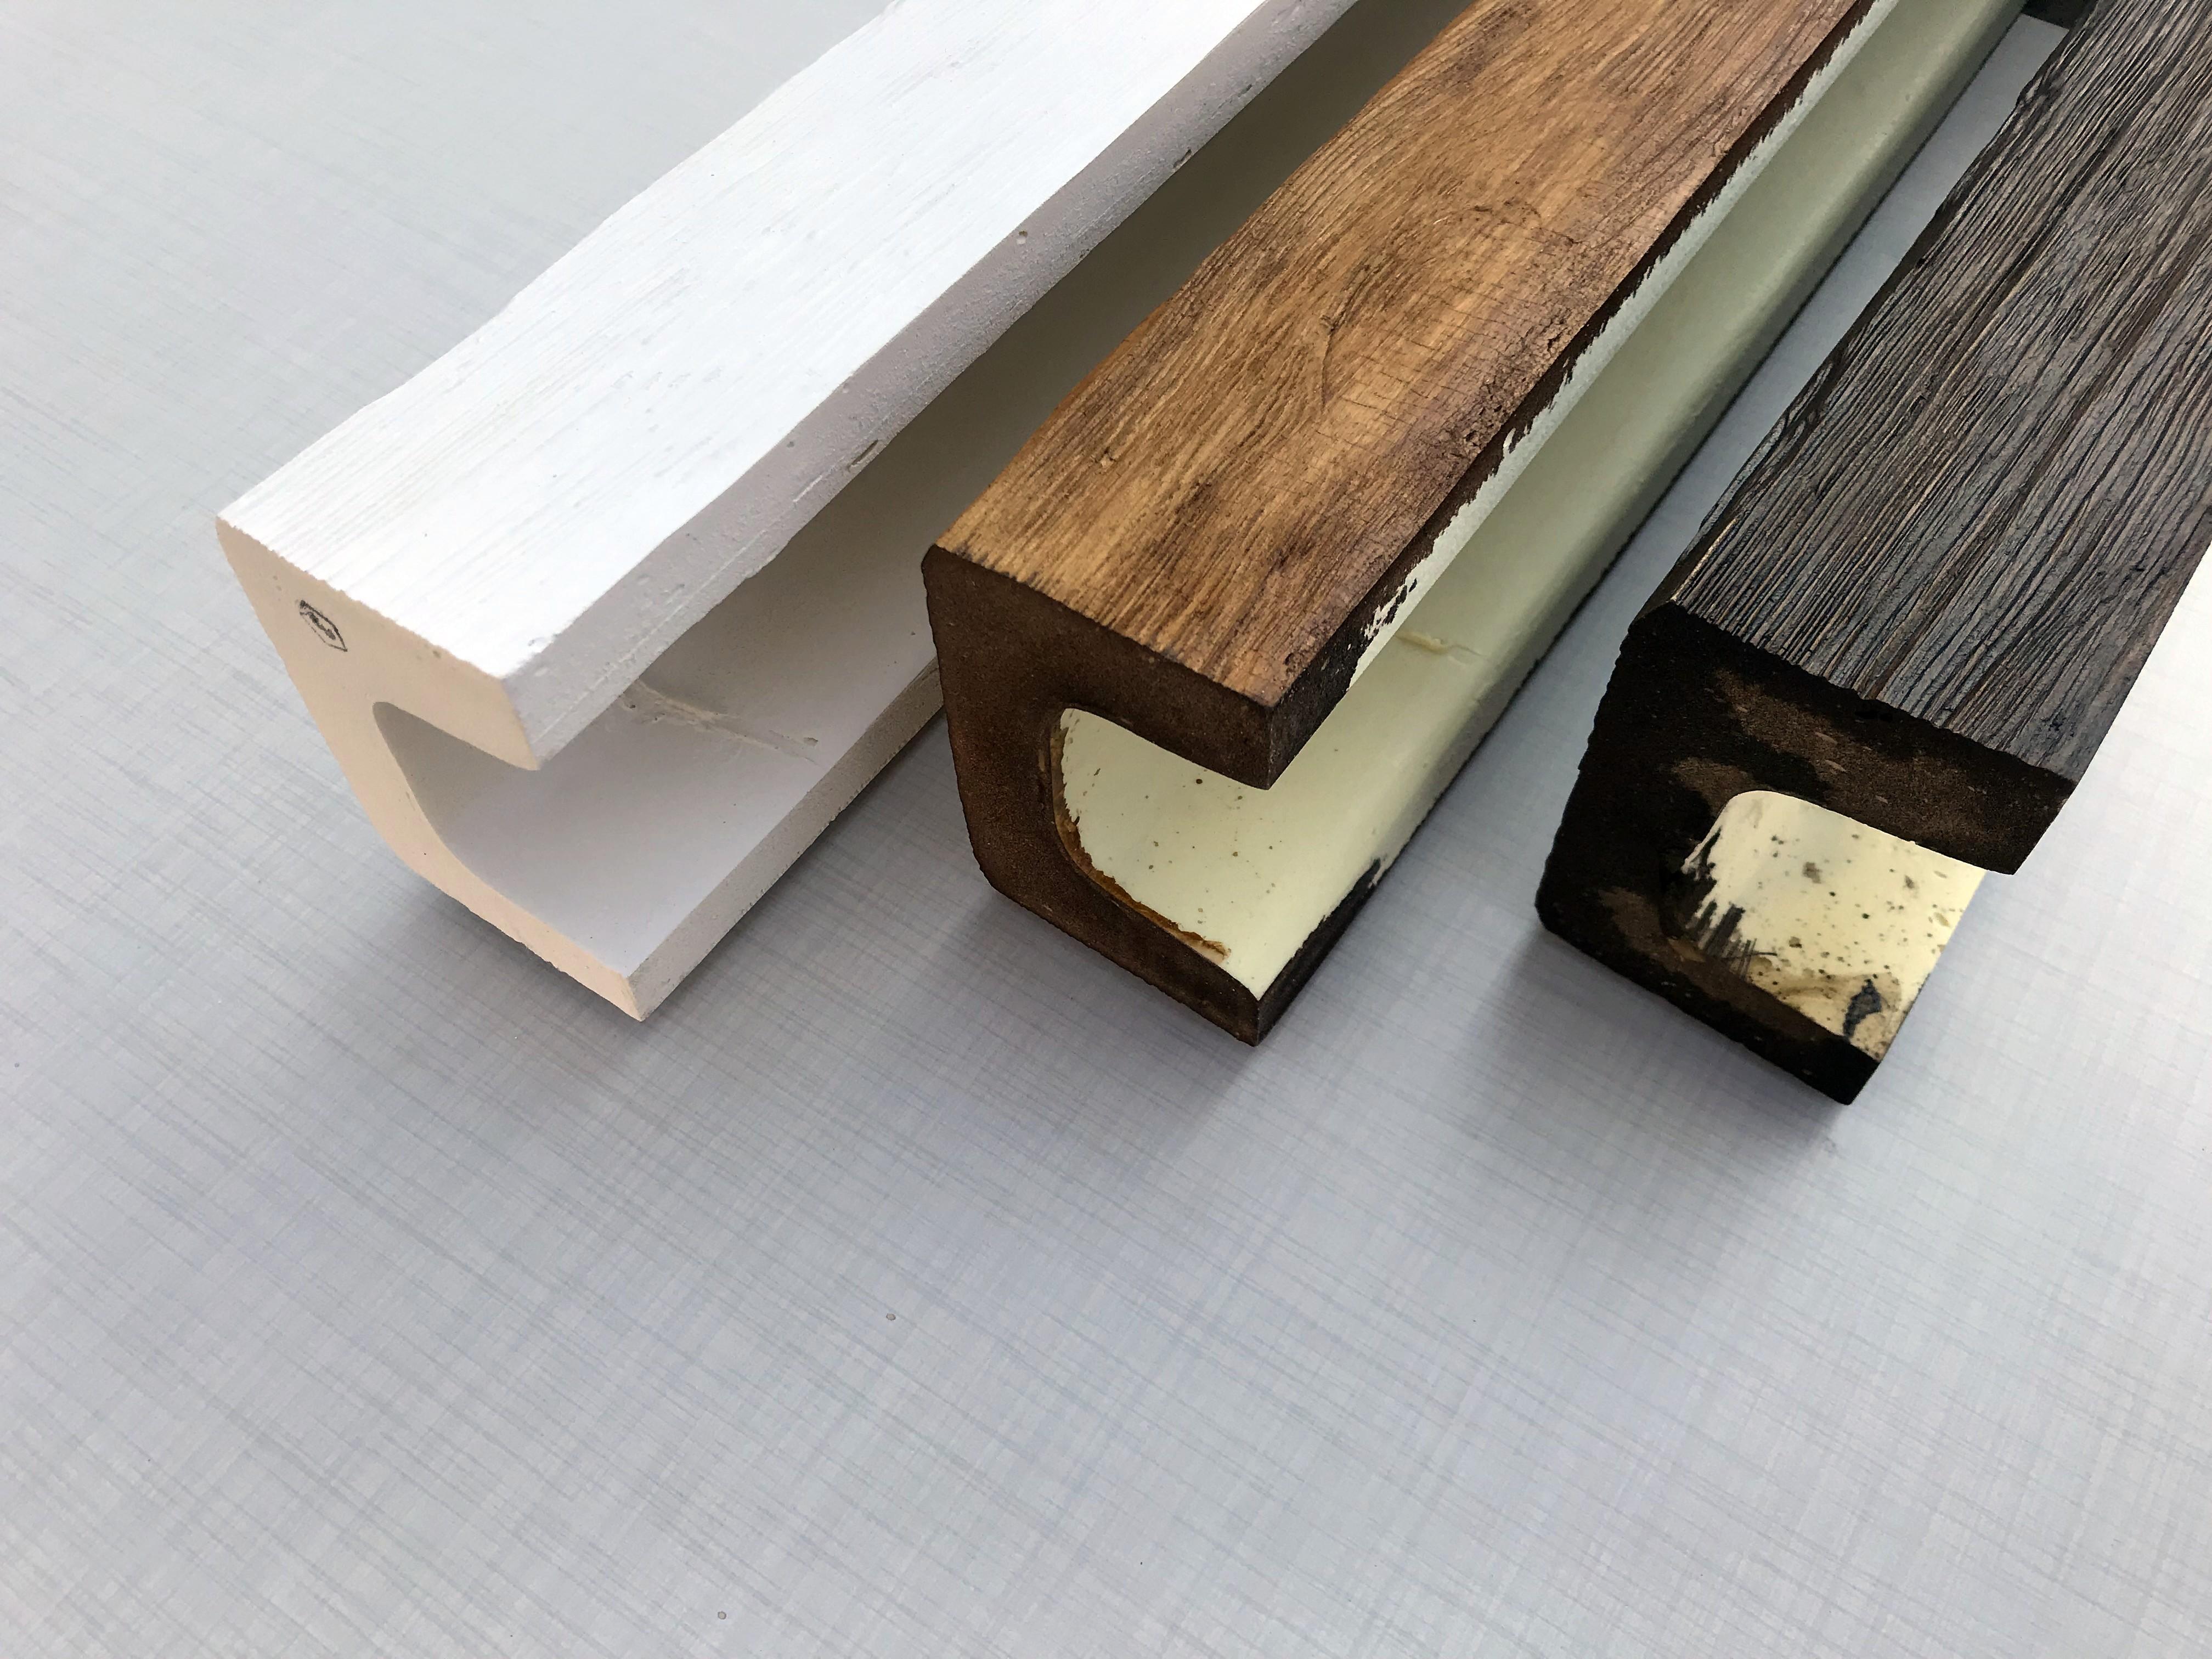 DecoWood antik poliuretán gerenda profilok, modern, 9x12 cm, fehér, világos, sötét